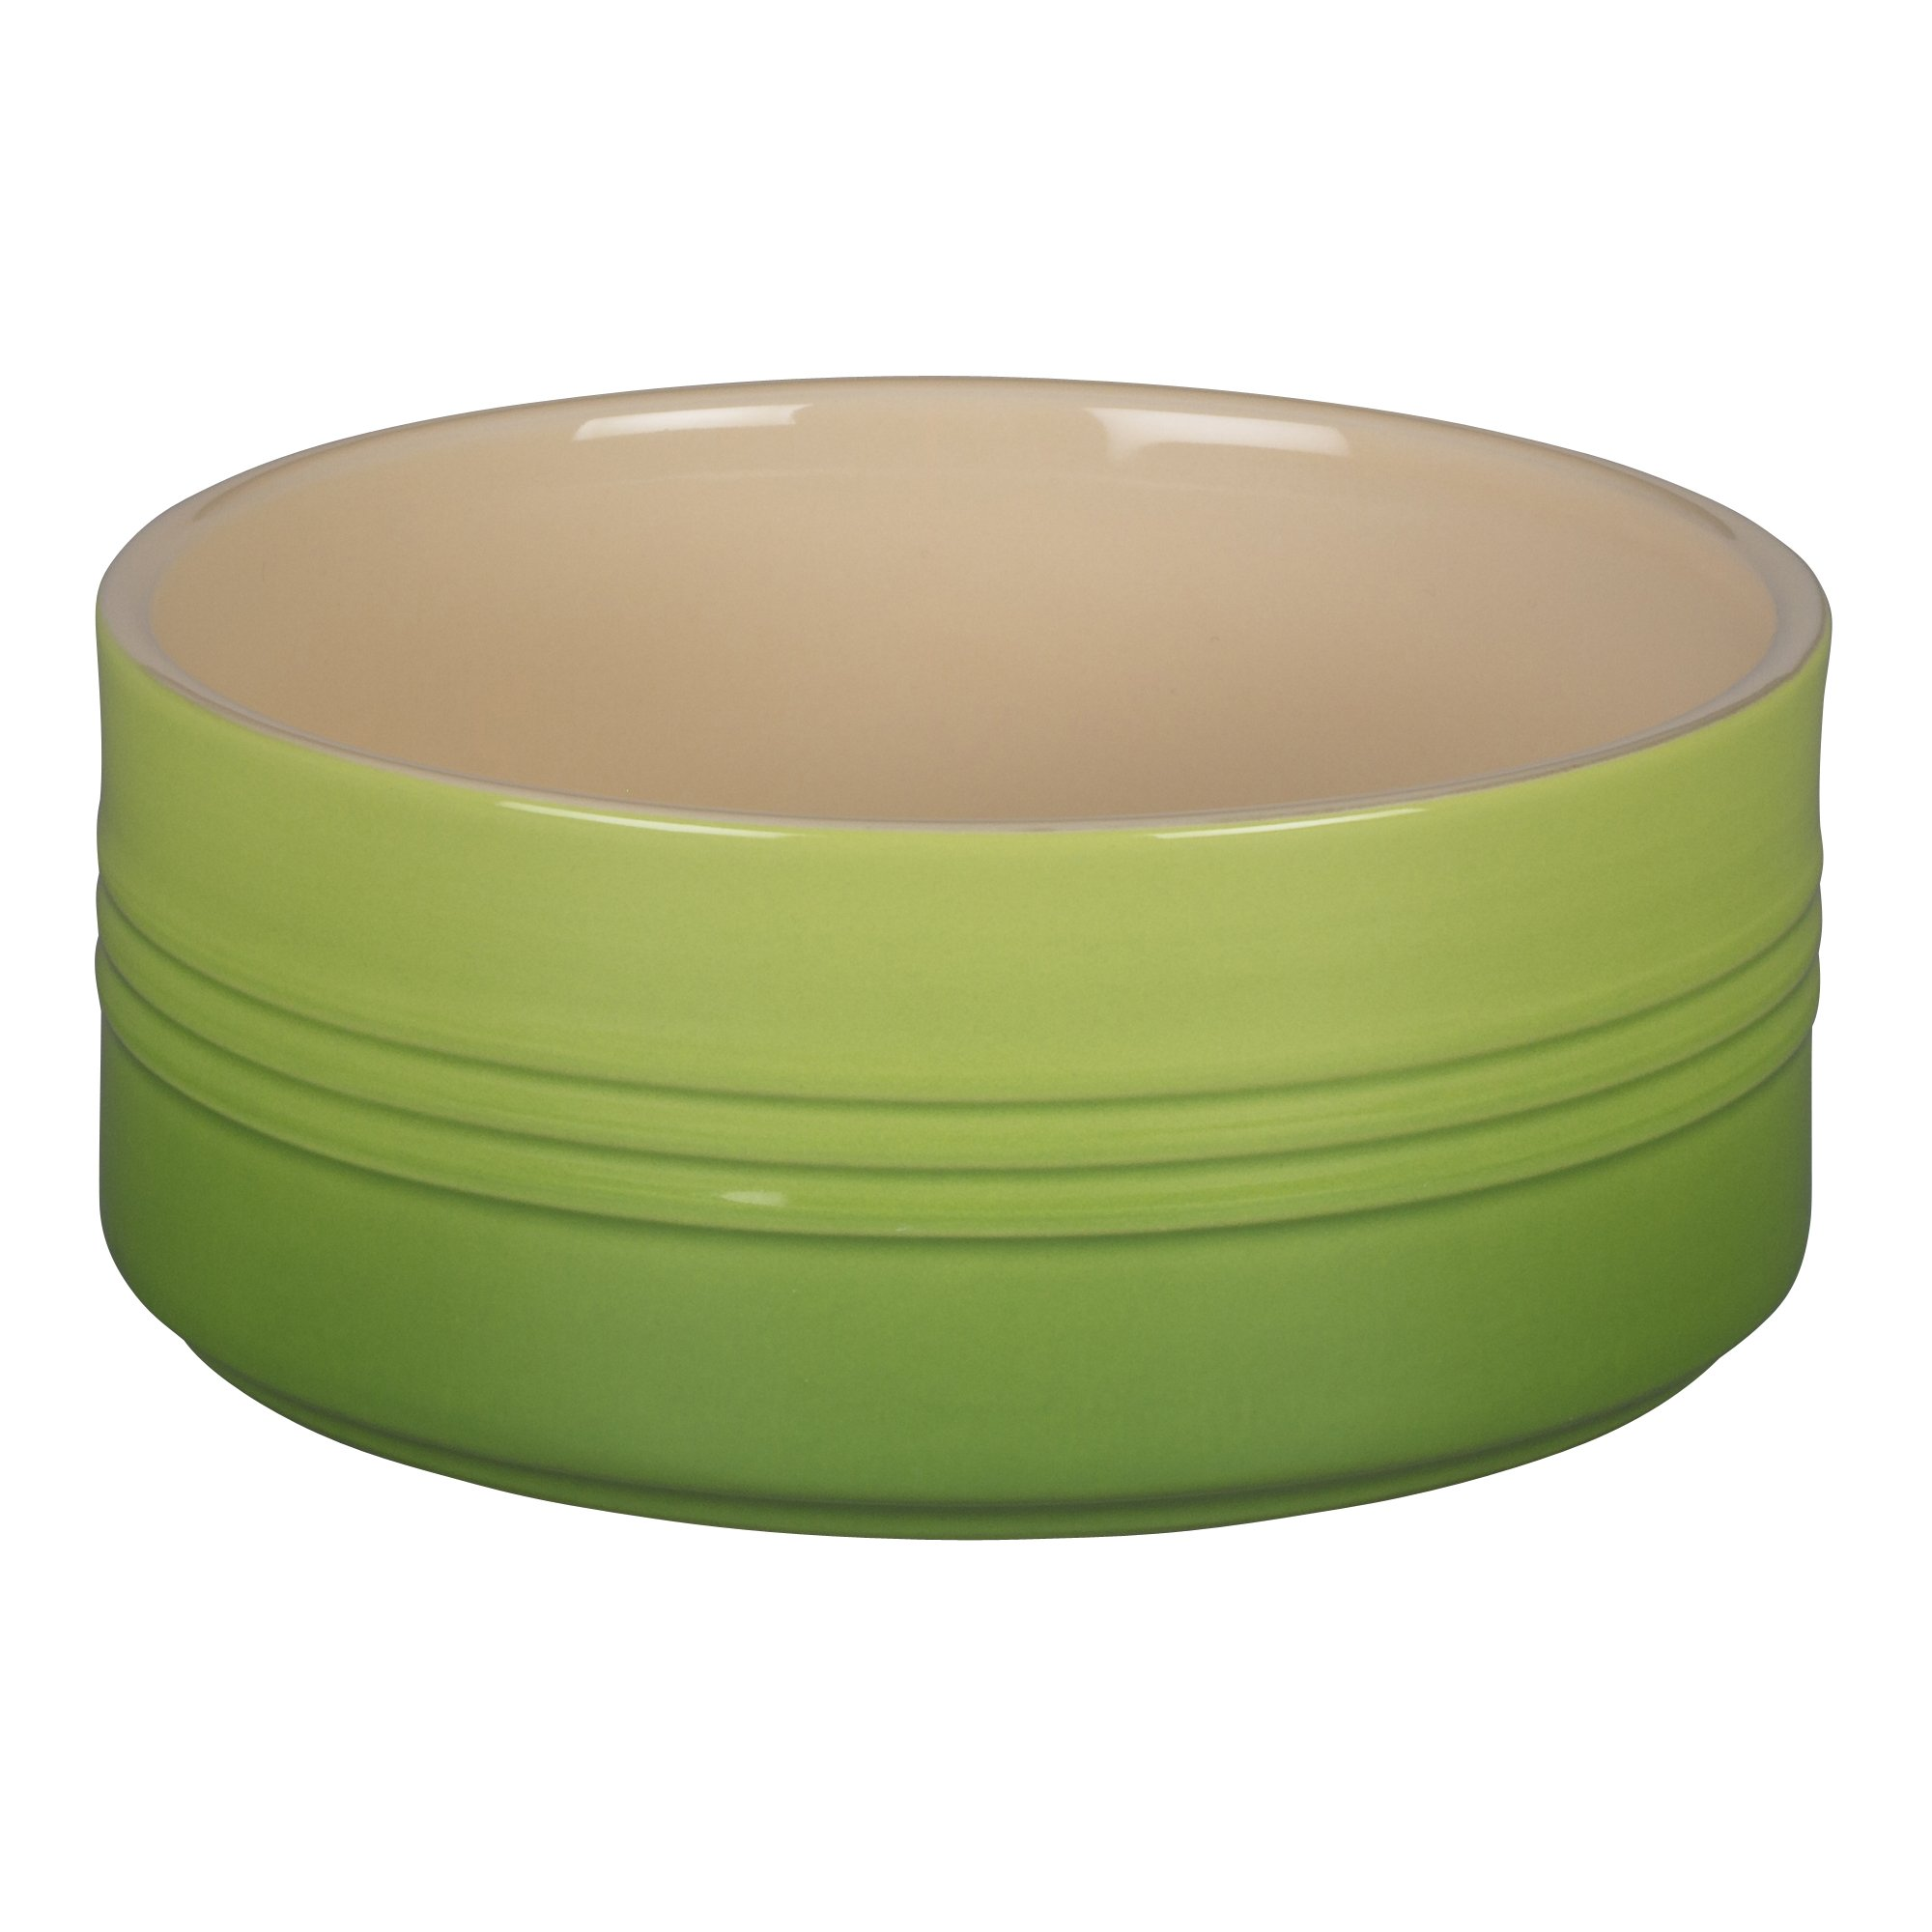 Le Creuset Stoneware Souffle Dish, 1-Quart, Palm